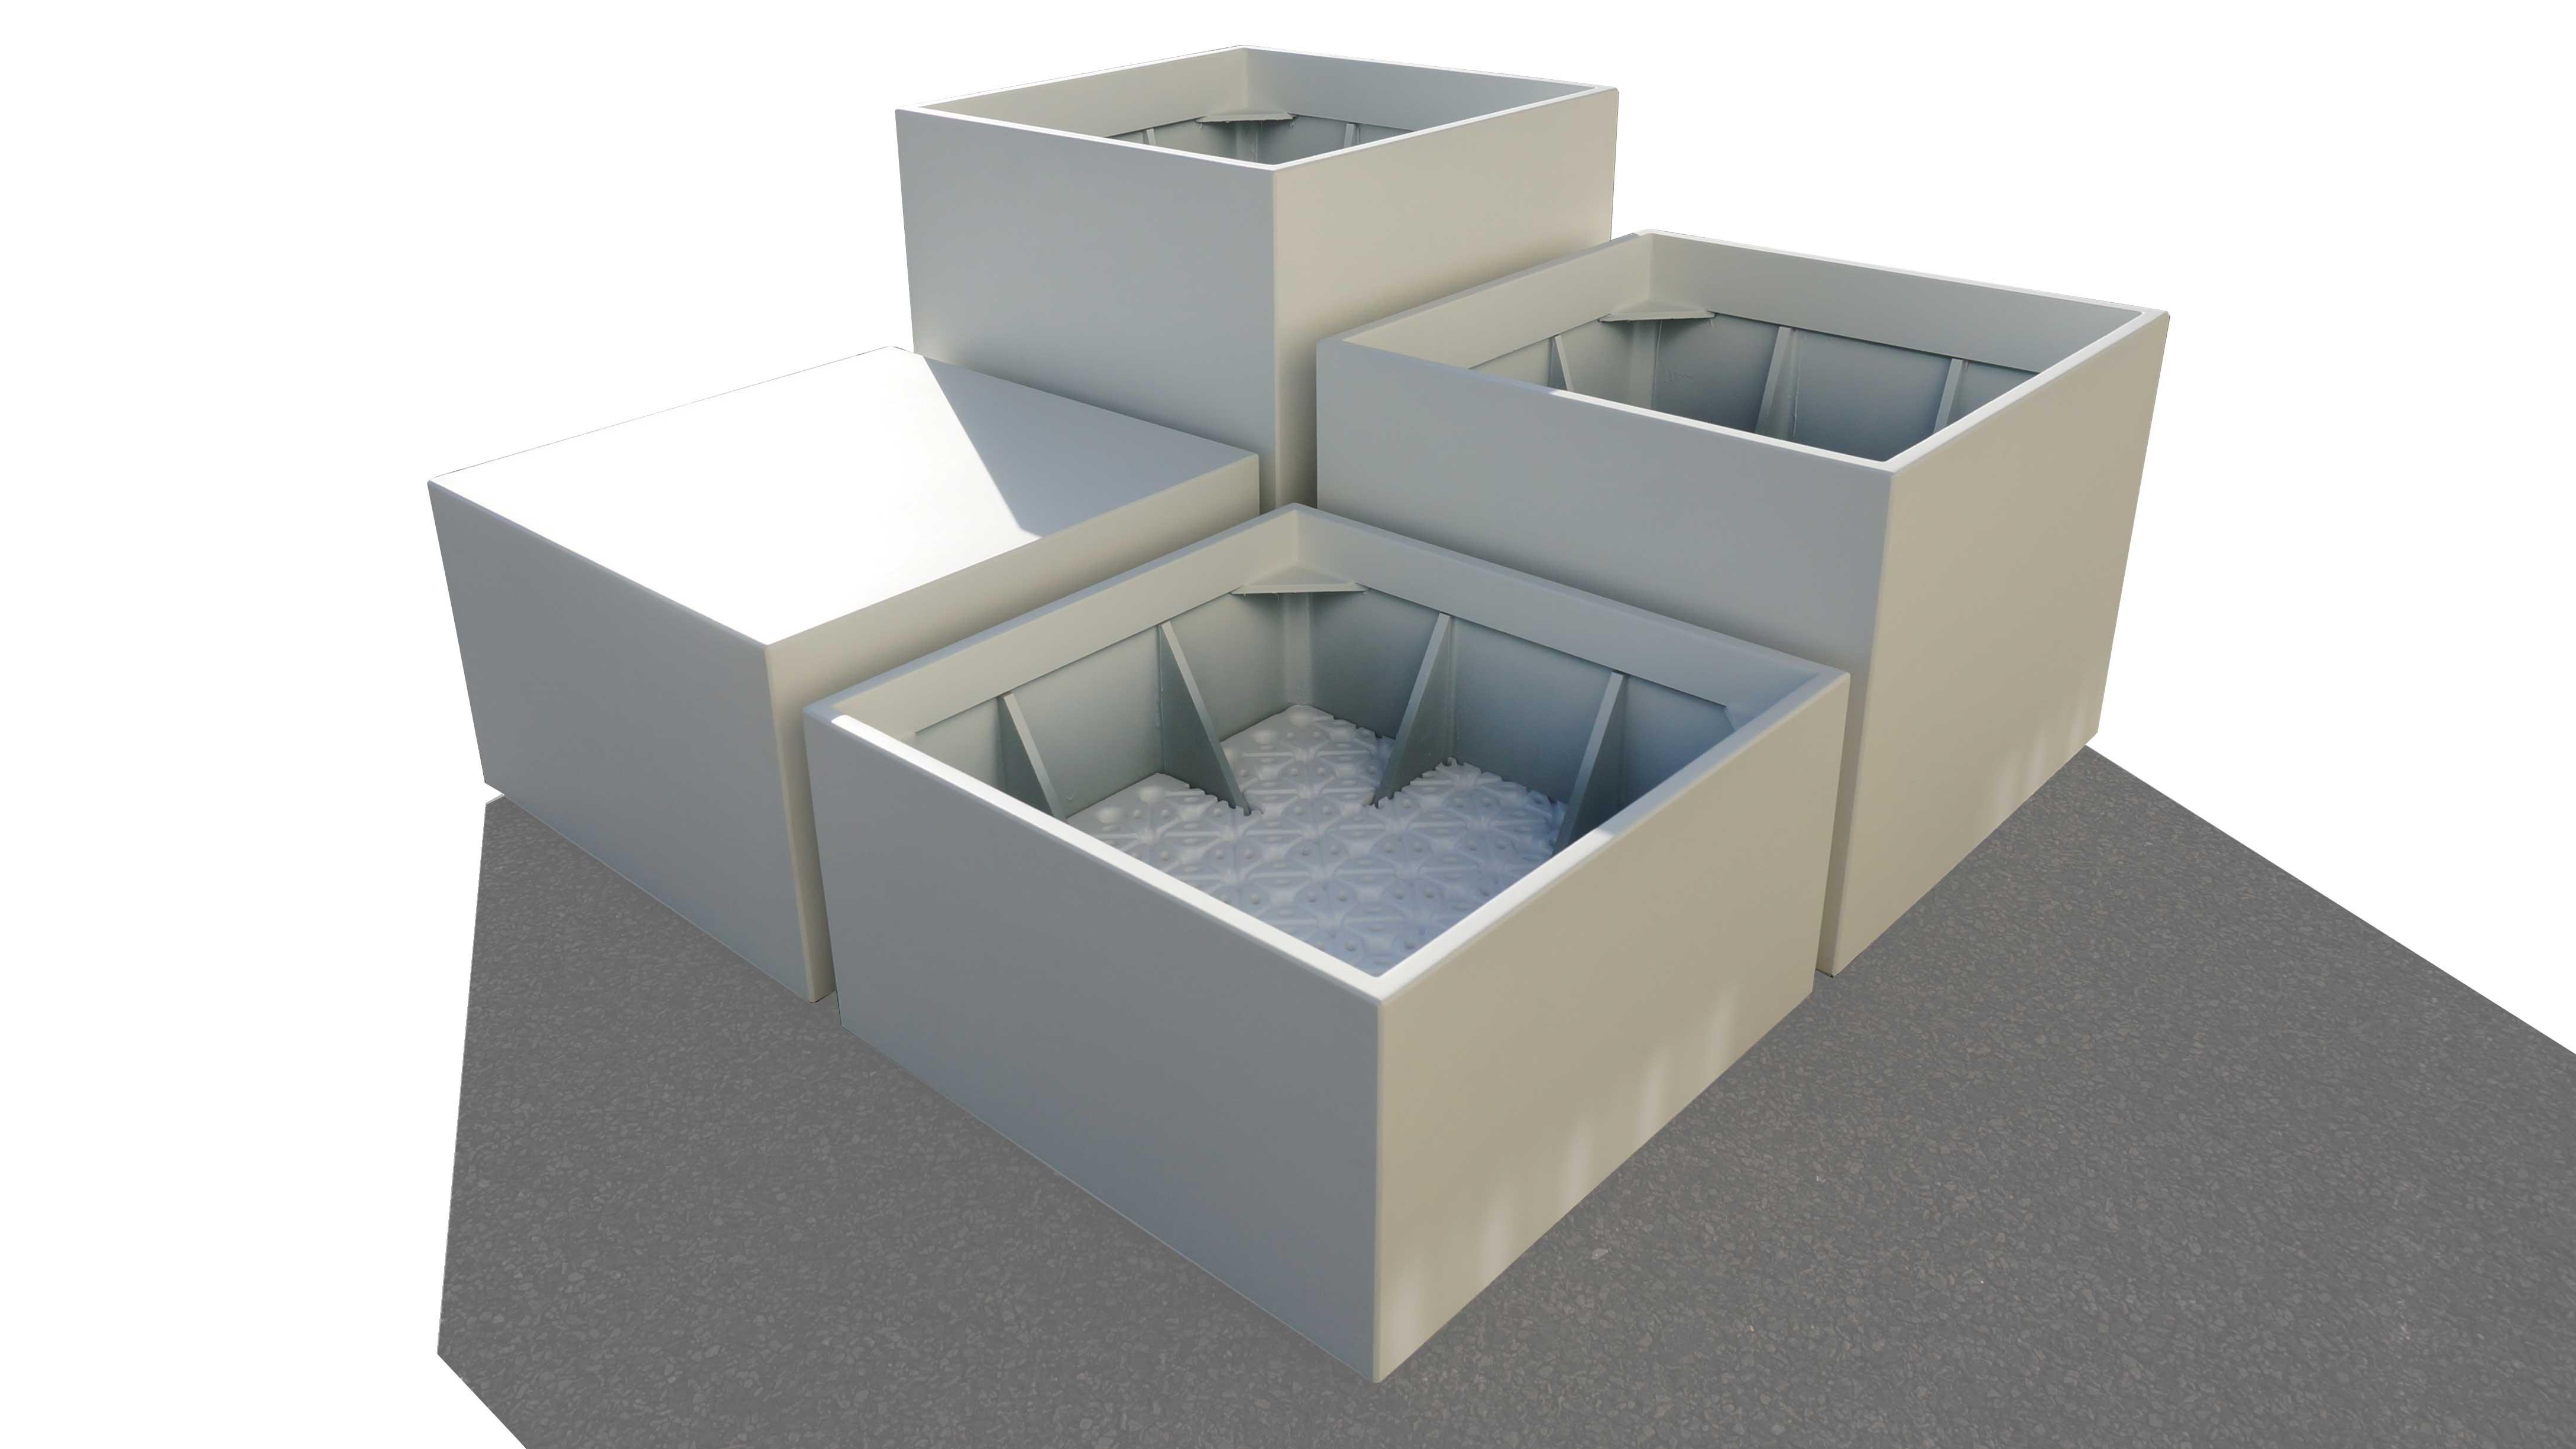 image 39 in ensemble de jardini res assise sur mesure en. Black Bedroom Furniture Sets. Home Design Ideas